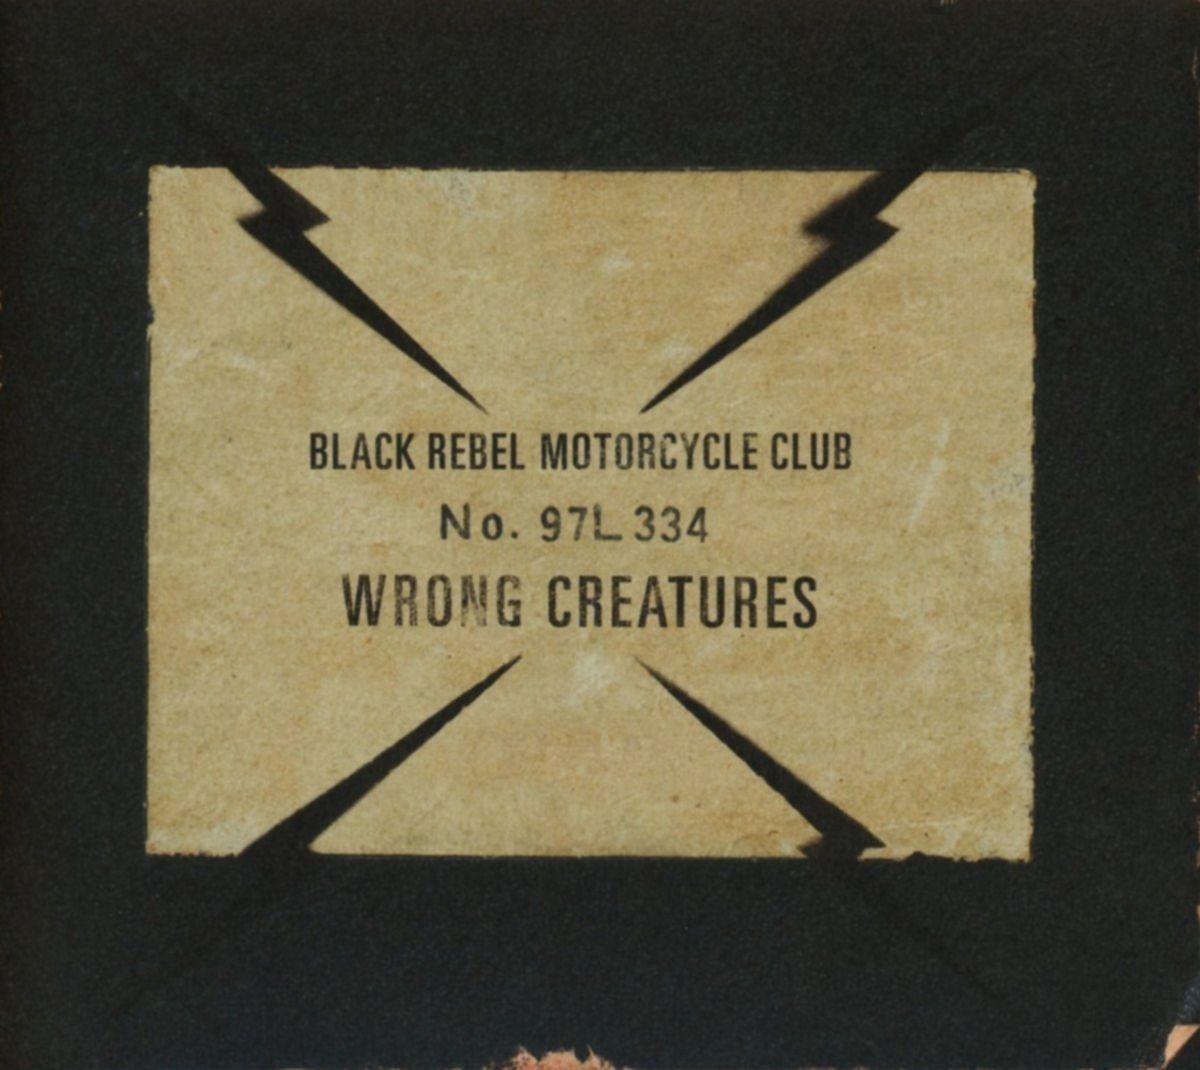 Black Rebel Motorcycle Club Wrong Creatures